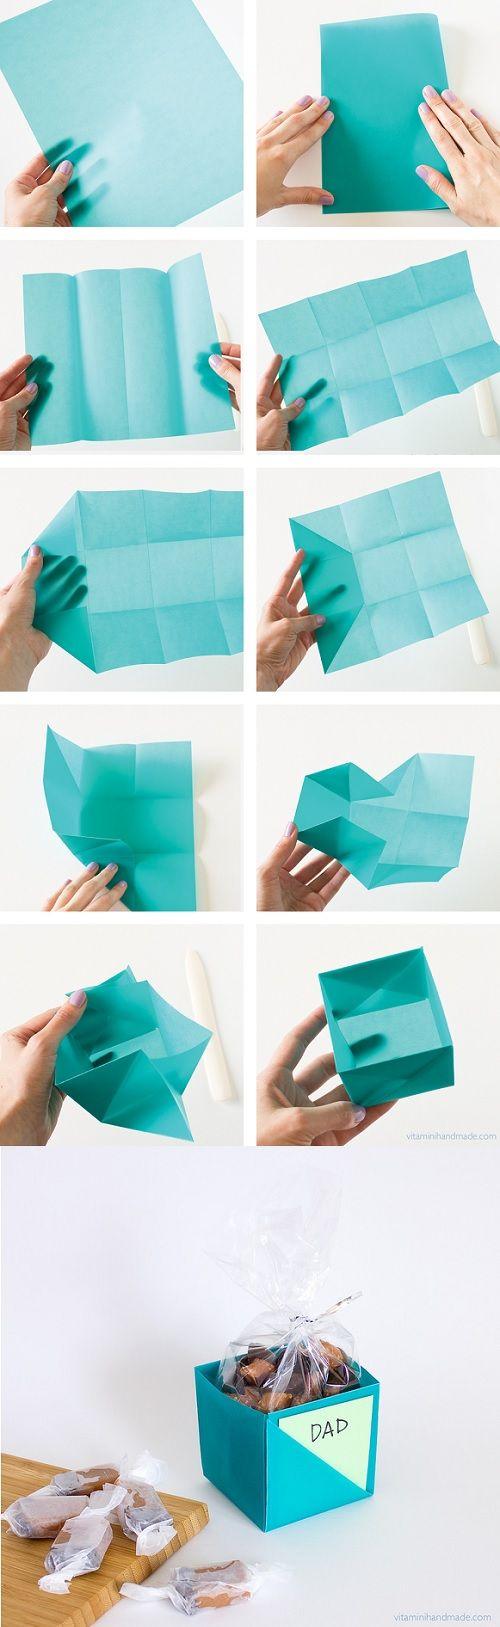 Op deze manier kun je makkelijk een doosje vouwen voor bijvoorbeeld een verjaardagscadeau. Super leuk idee!